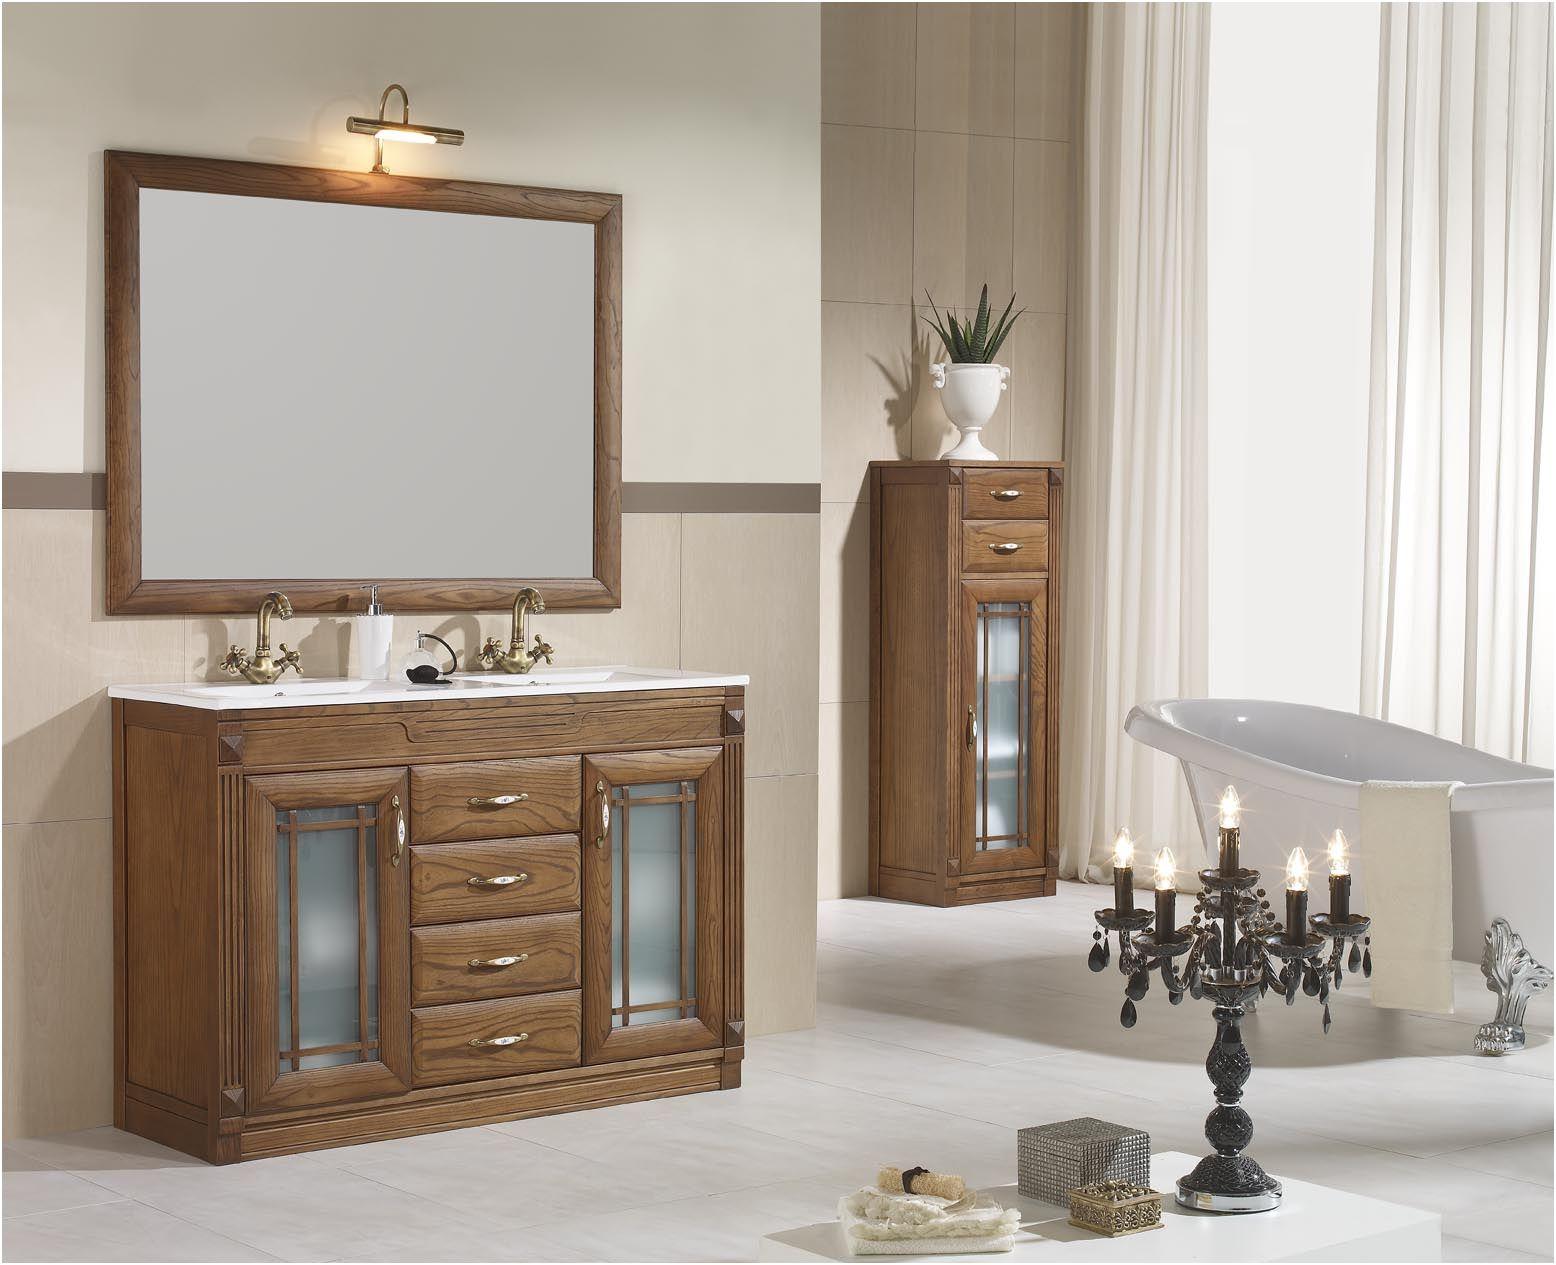 67 Típica Mueble Cuarto De Baño Fotos   Idee per interni ...